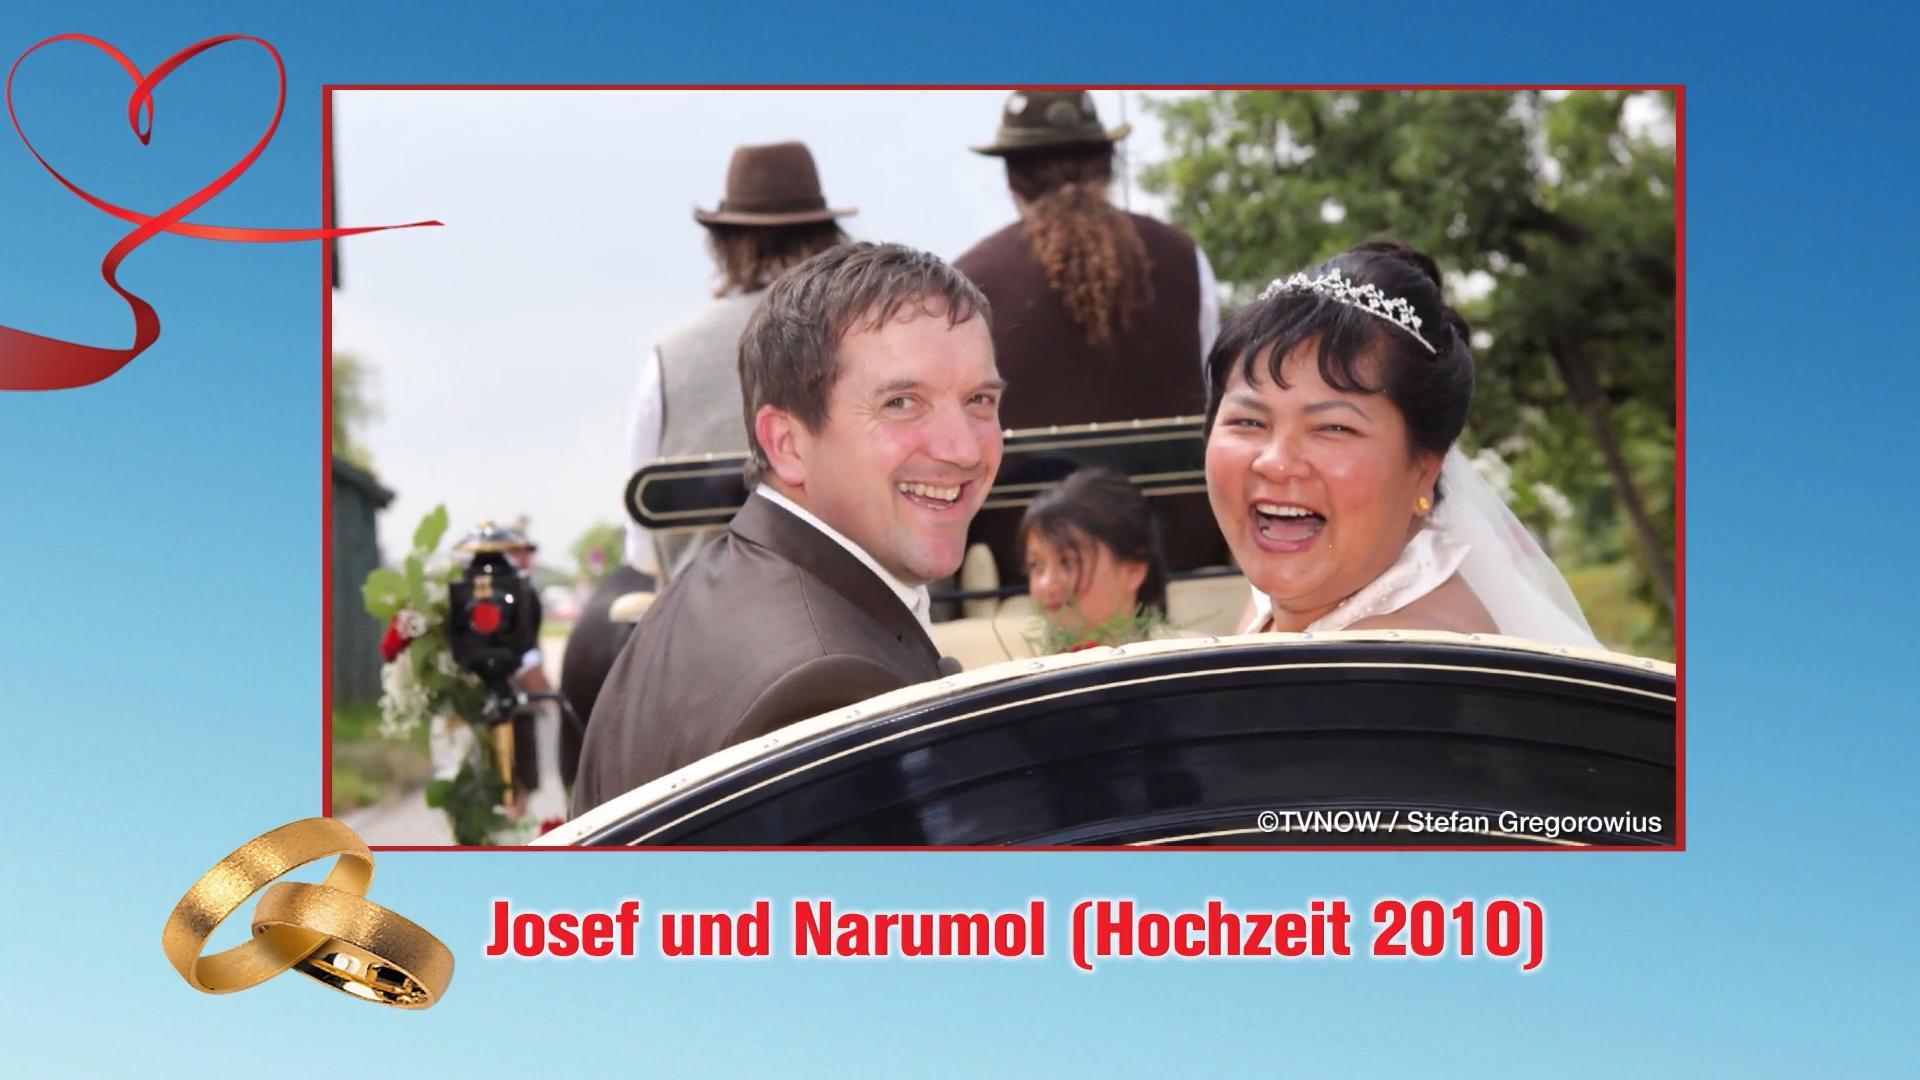 Sucht claudia bauer frau und hochzeit lorenz Hochzeit: Bauer